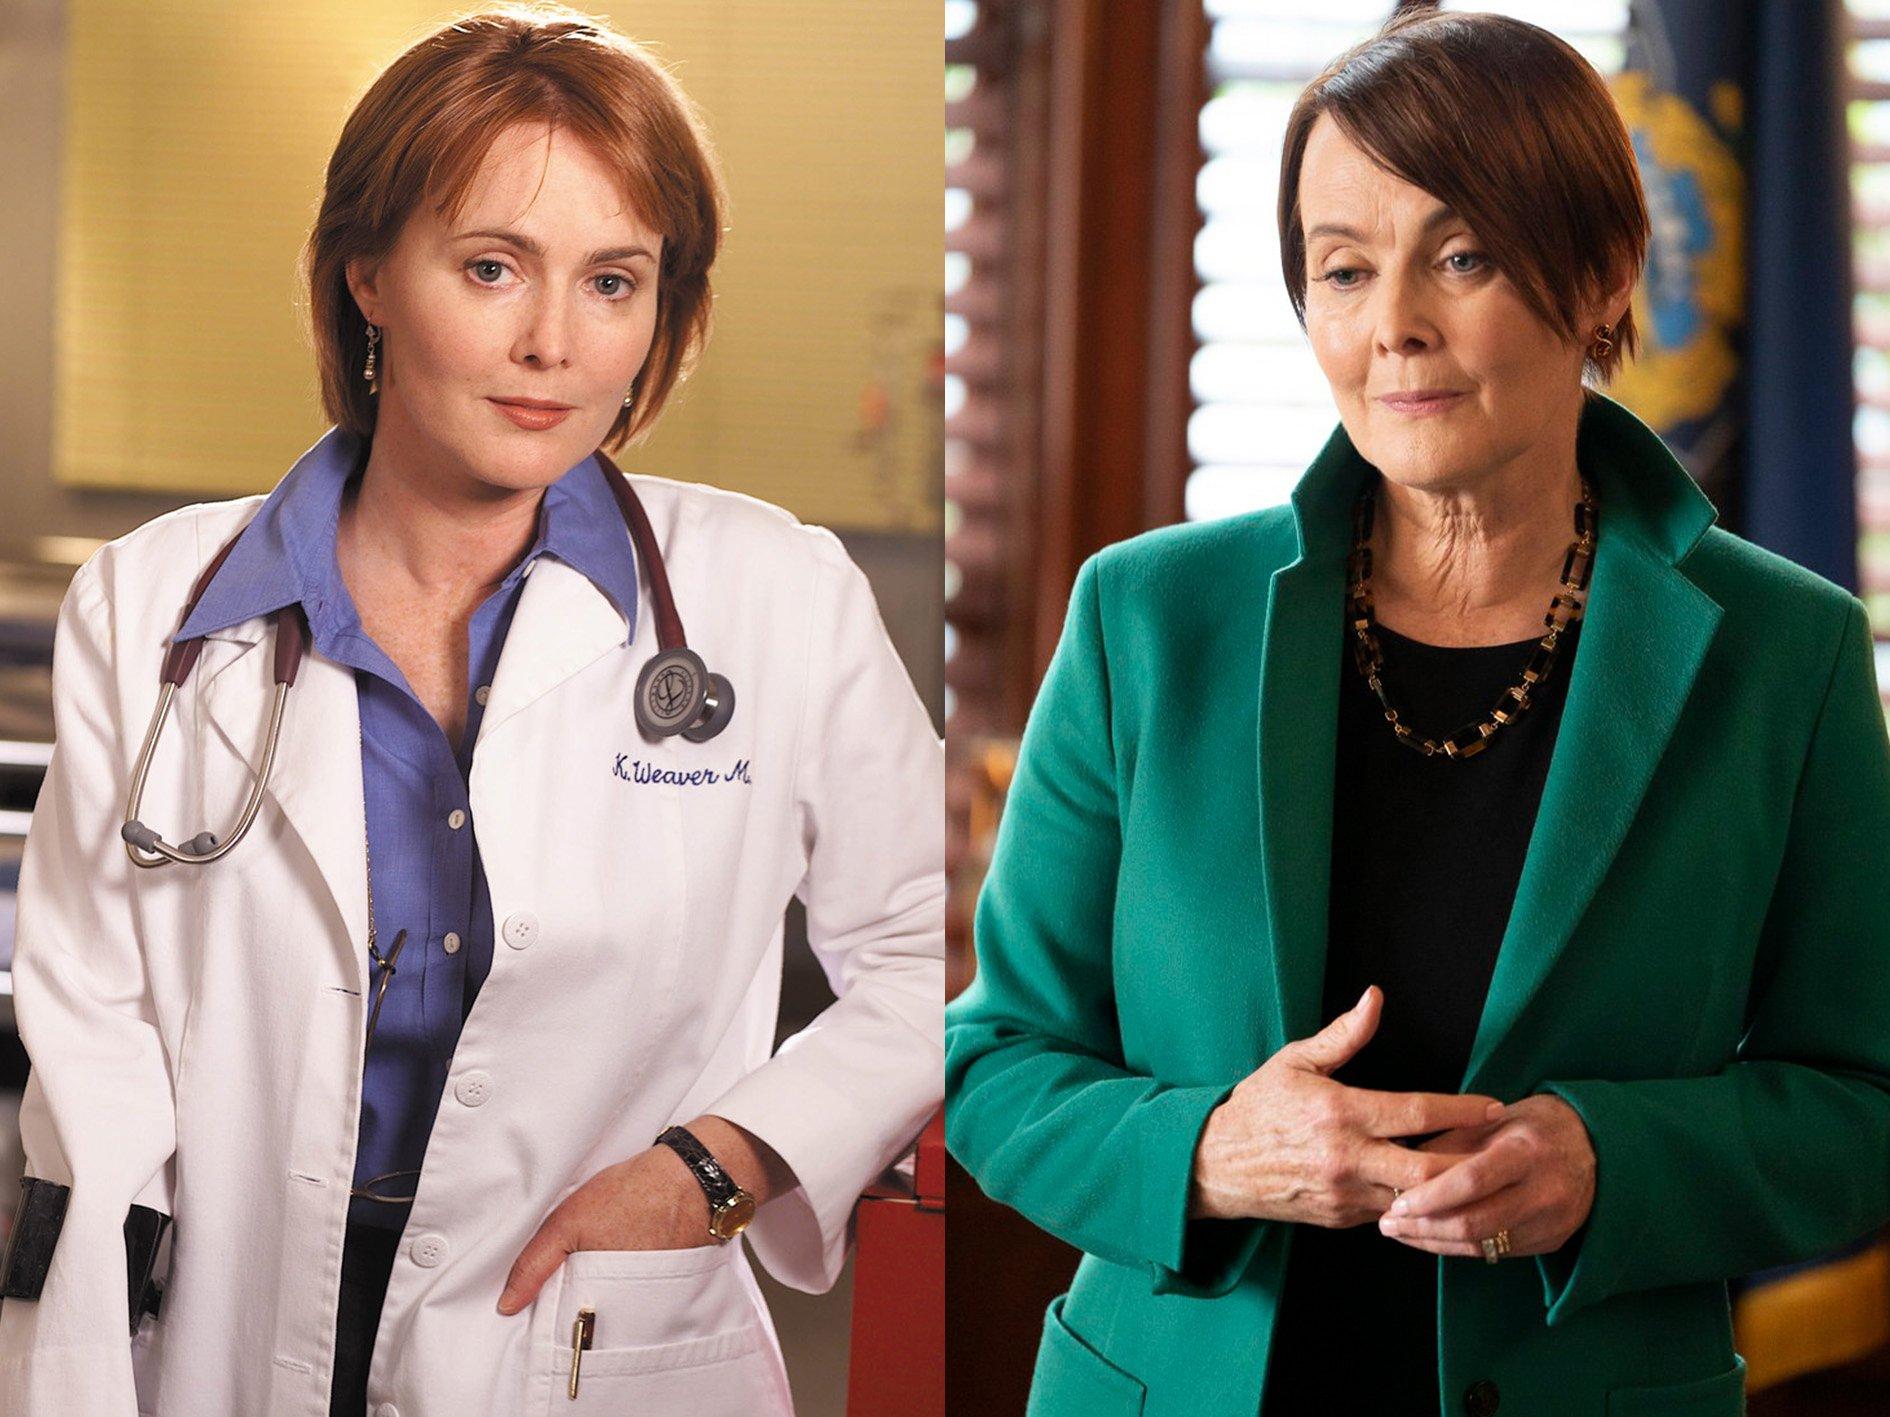 Laura Innes ER Where Are The Cast Of ER Now?